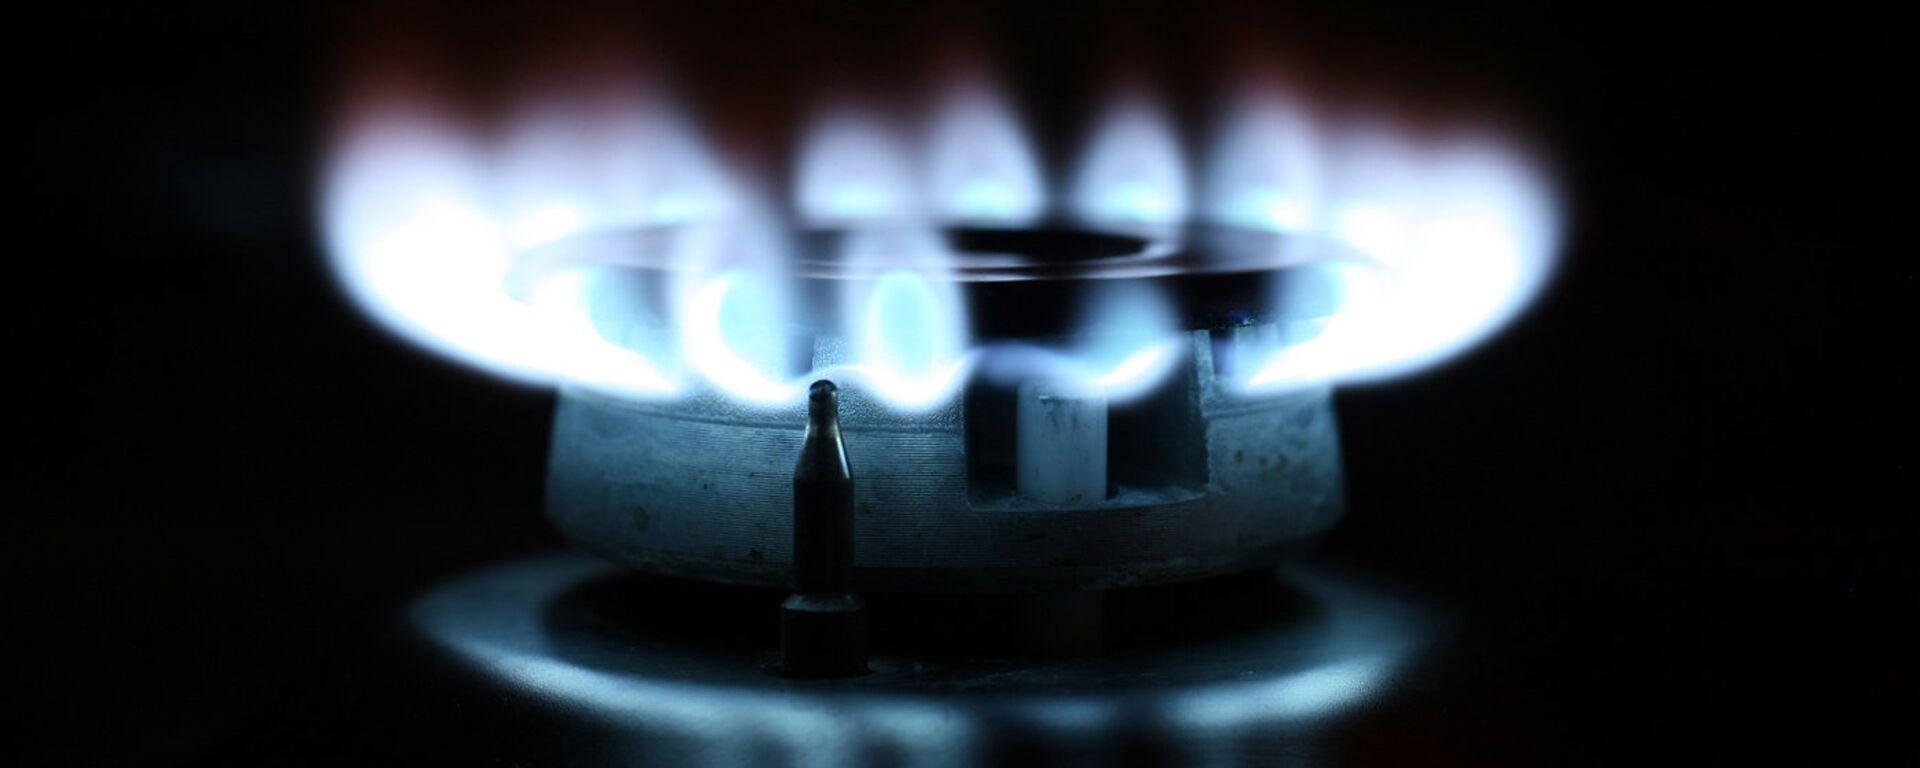 Газовая плита - Sputnik Латвия, 1920, 08.10.2021